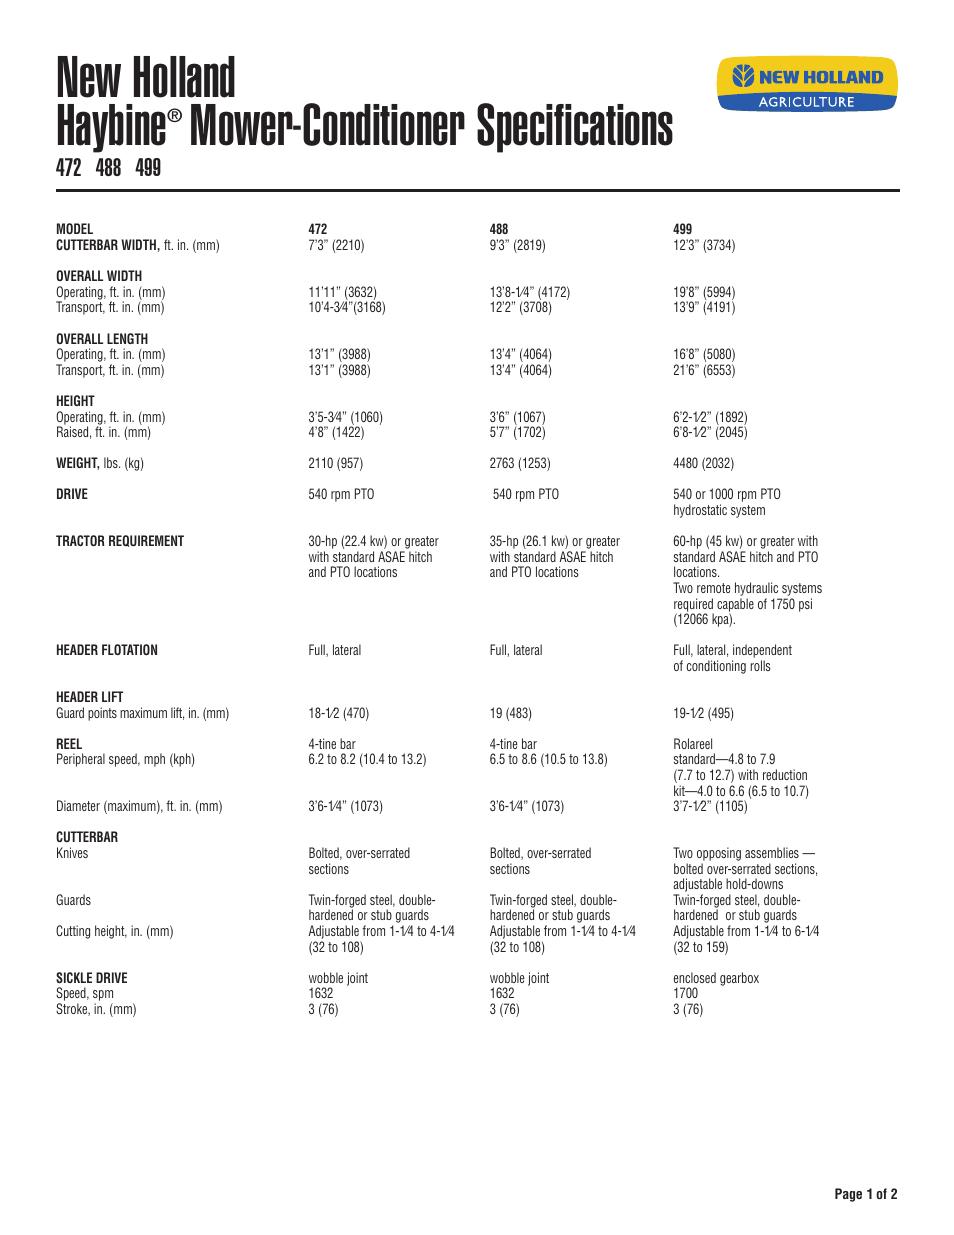 Nh 499 Shop Manuals